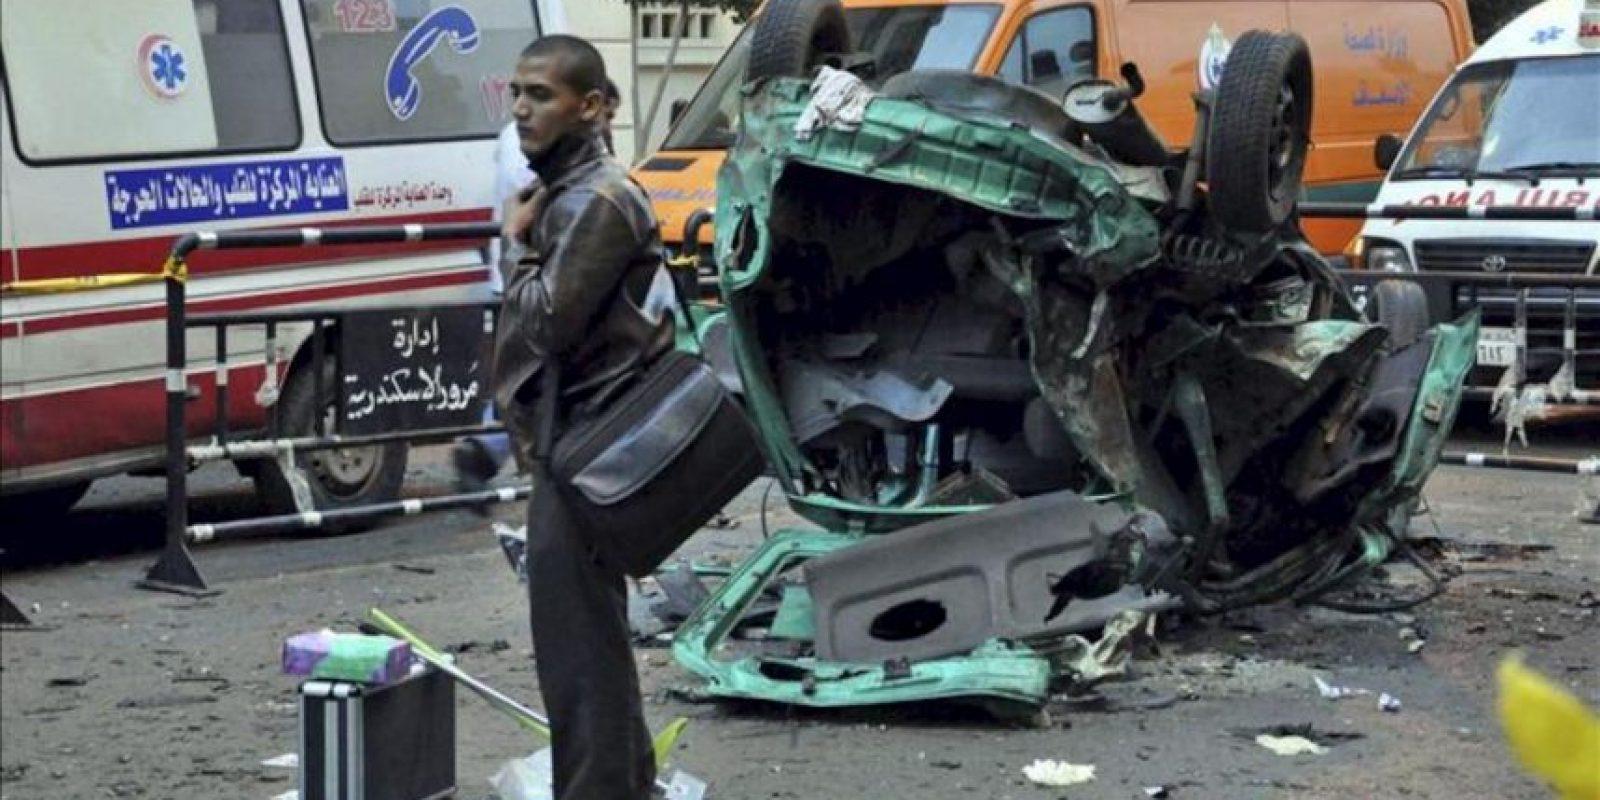 Un policía científico examina los restos de un vehículo destrozado por la explosion de una bomba en Alejandría. EFE/Archivo